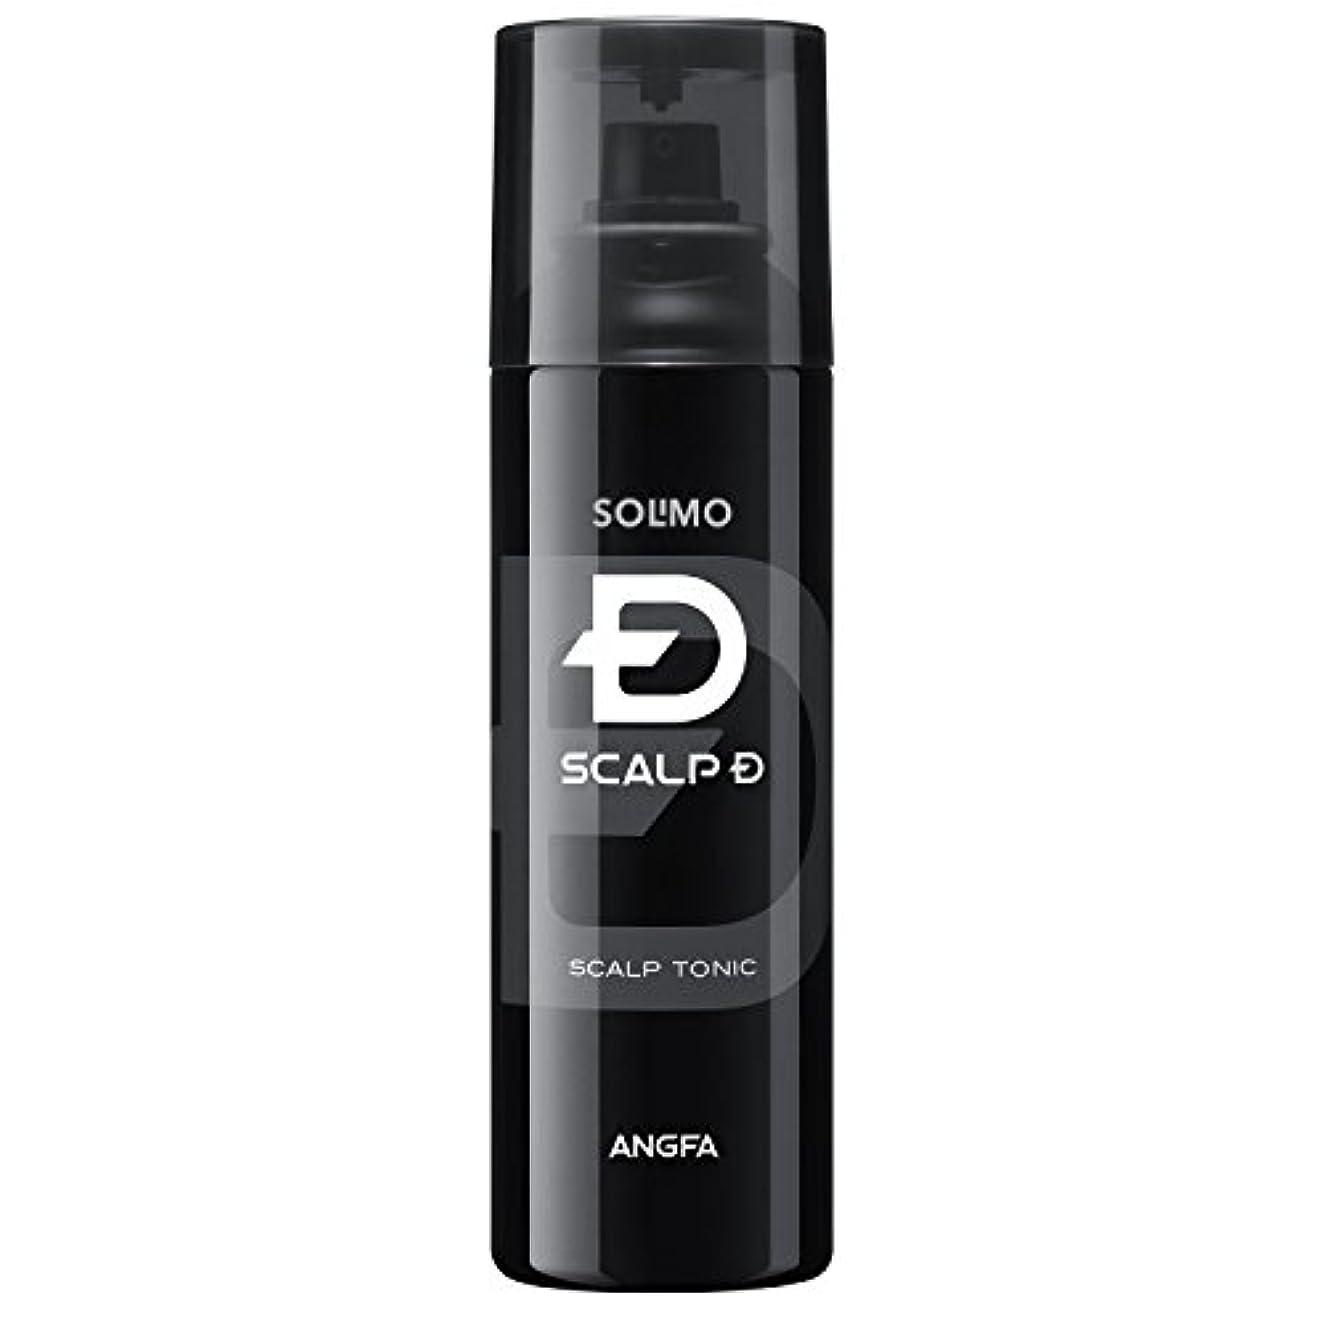 要求安息気がついて[Amazonブランド]SOLIMO スカルプD スカルプトニック 180ml